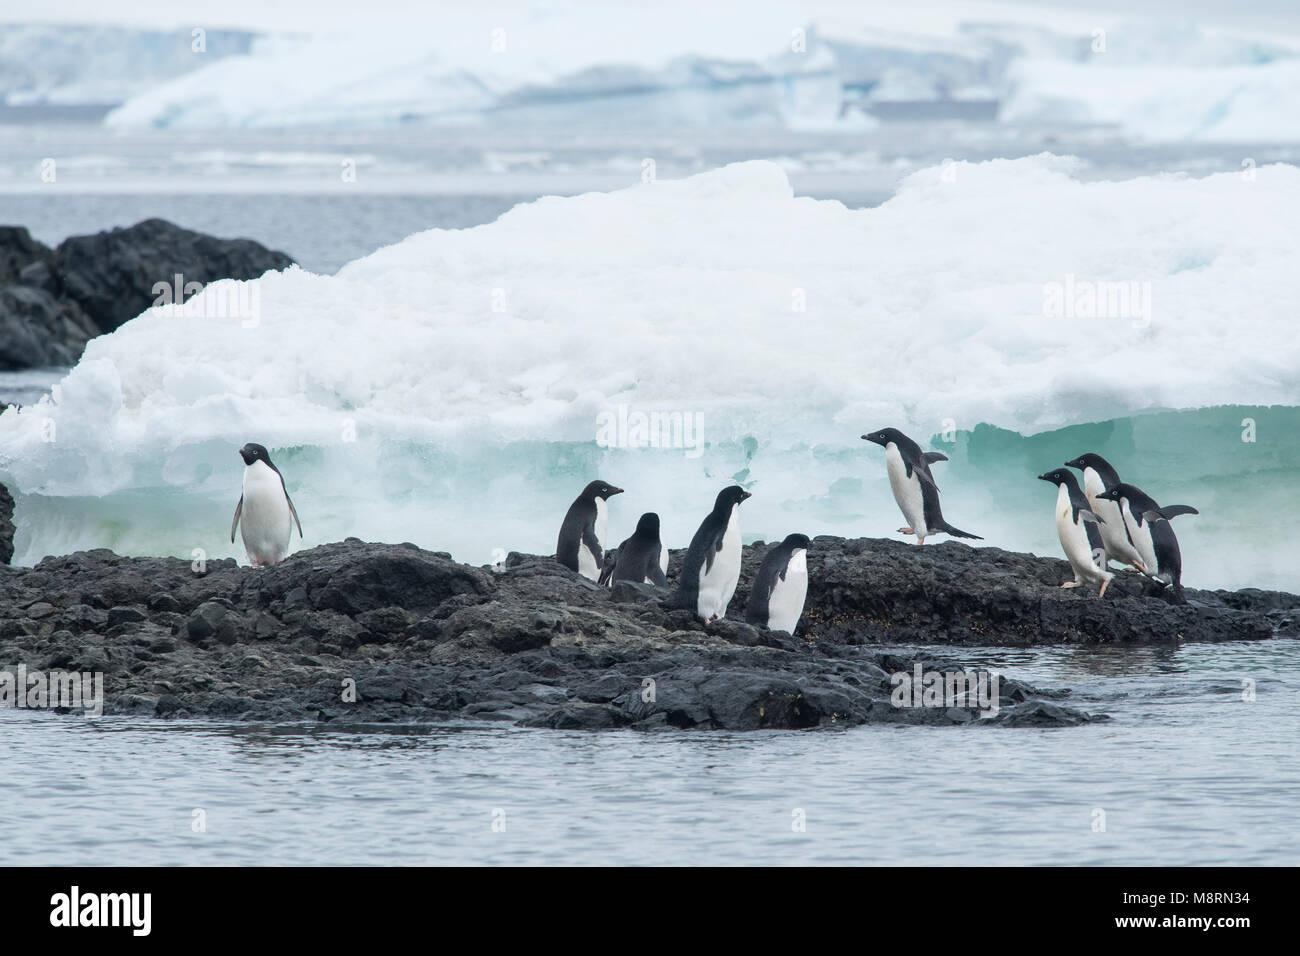 Un gruppo di pinguini Adelie a piedi lungo il ghiaccio a Brown Bluff, Antartide. Immagini Stock